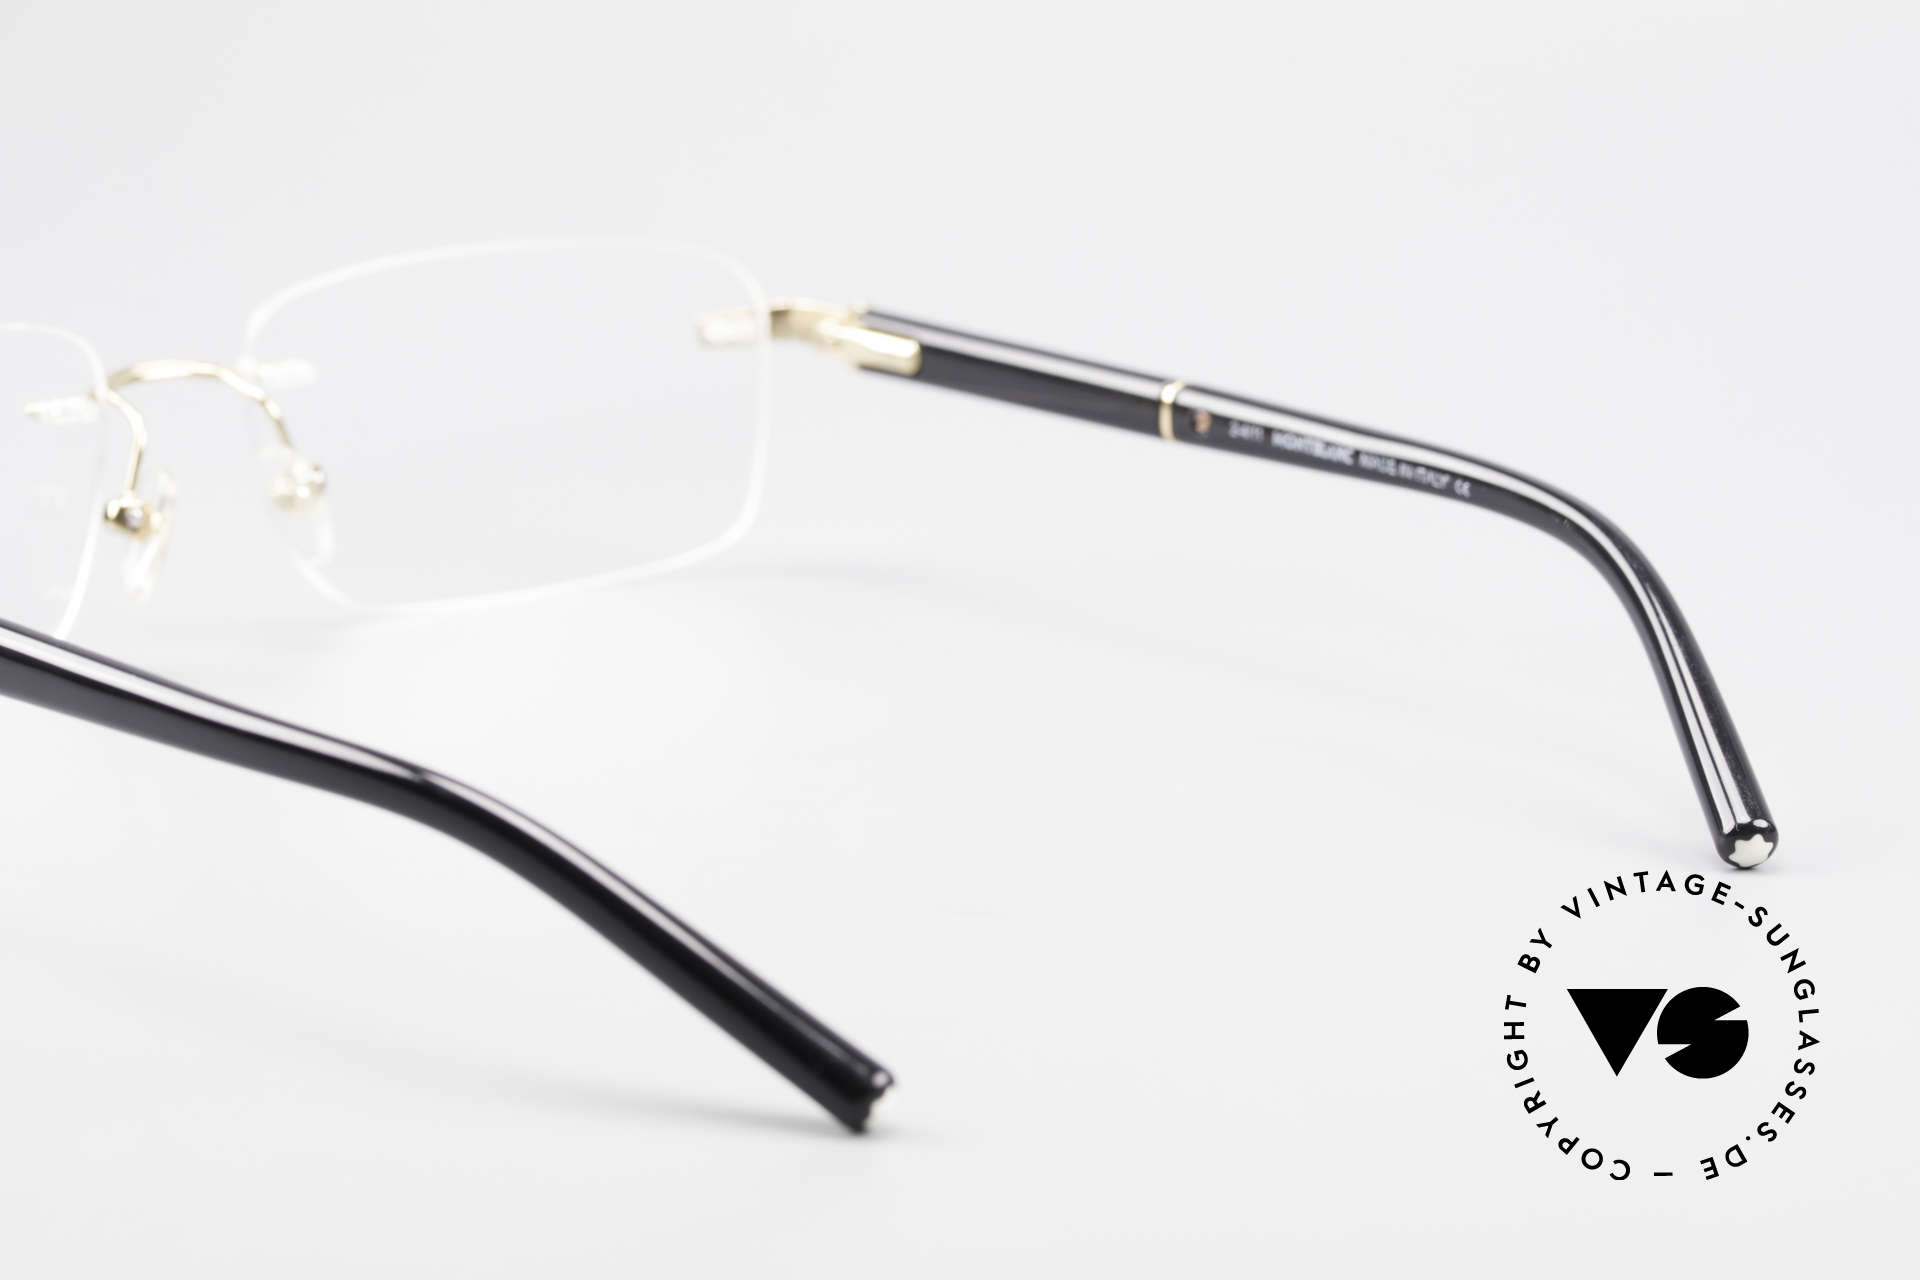 Montblanc MB337 Randlosbrille Vergoldet Luxus, KEINE Retrobrille, sondern ein Original von ca. 1999, Passend für Herren